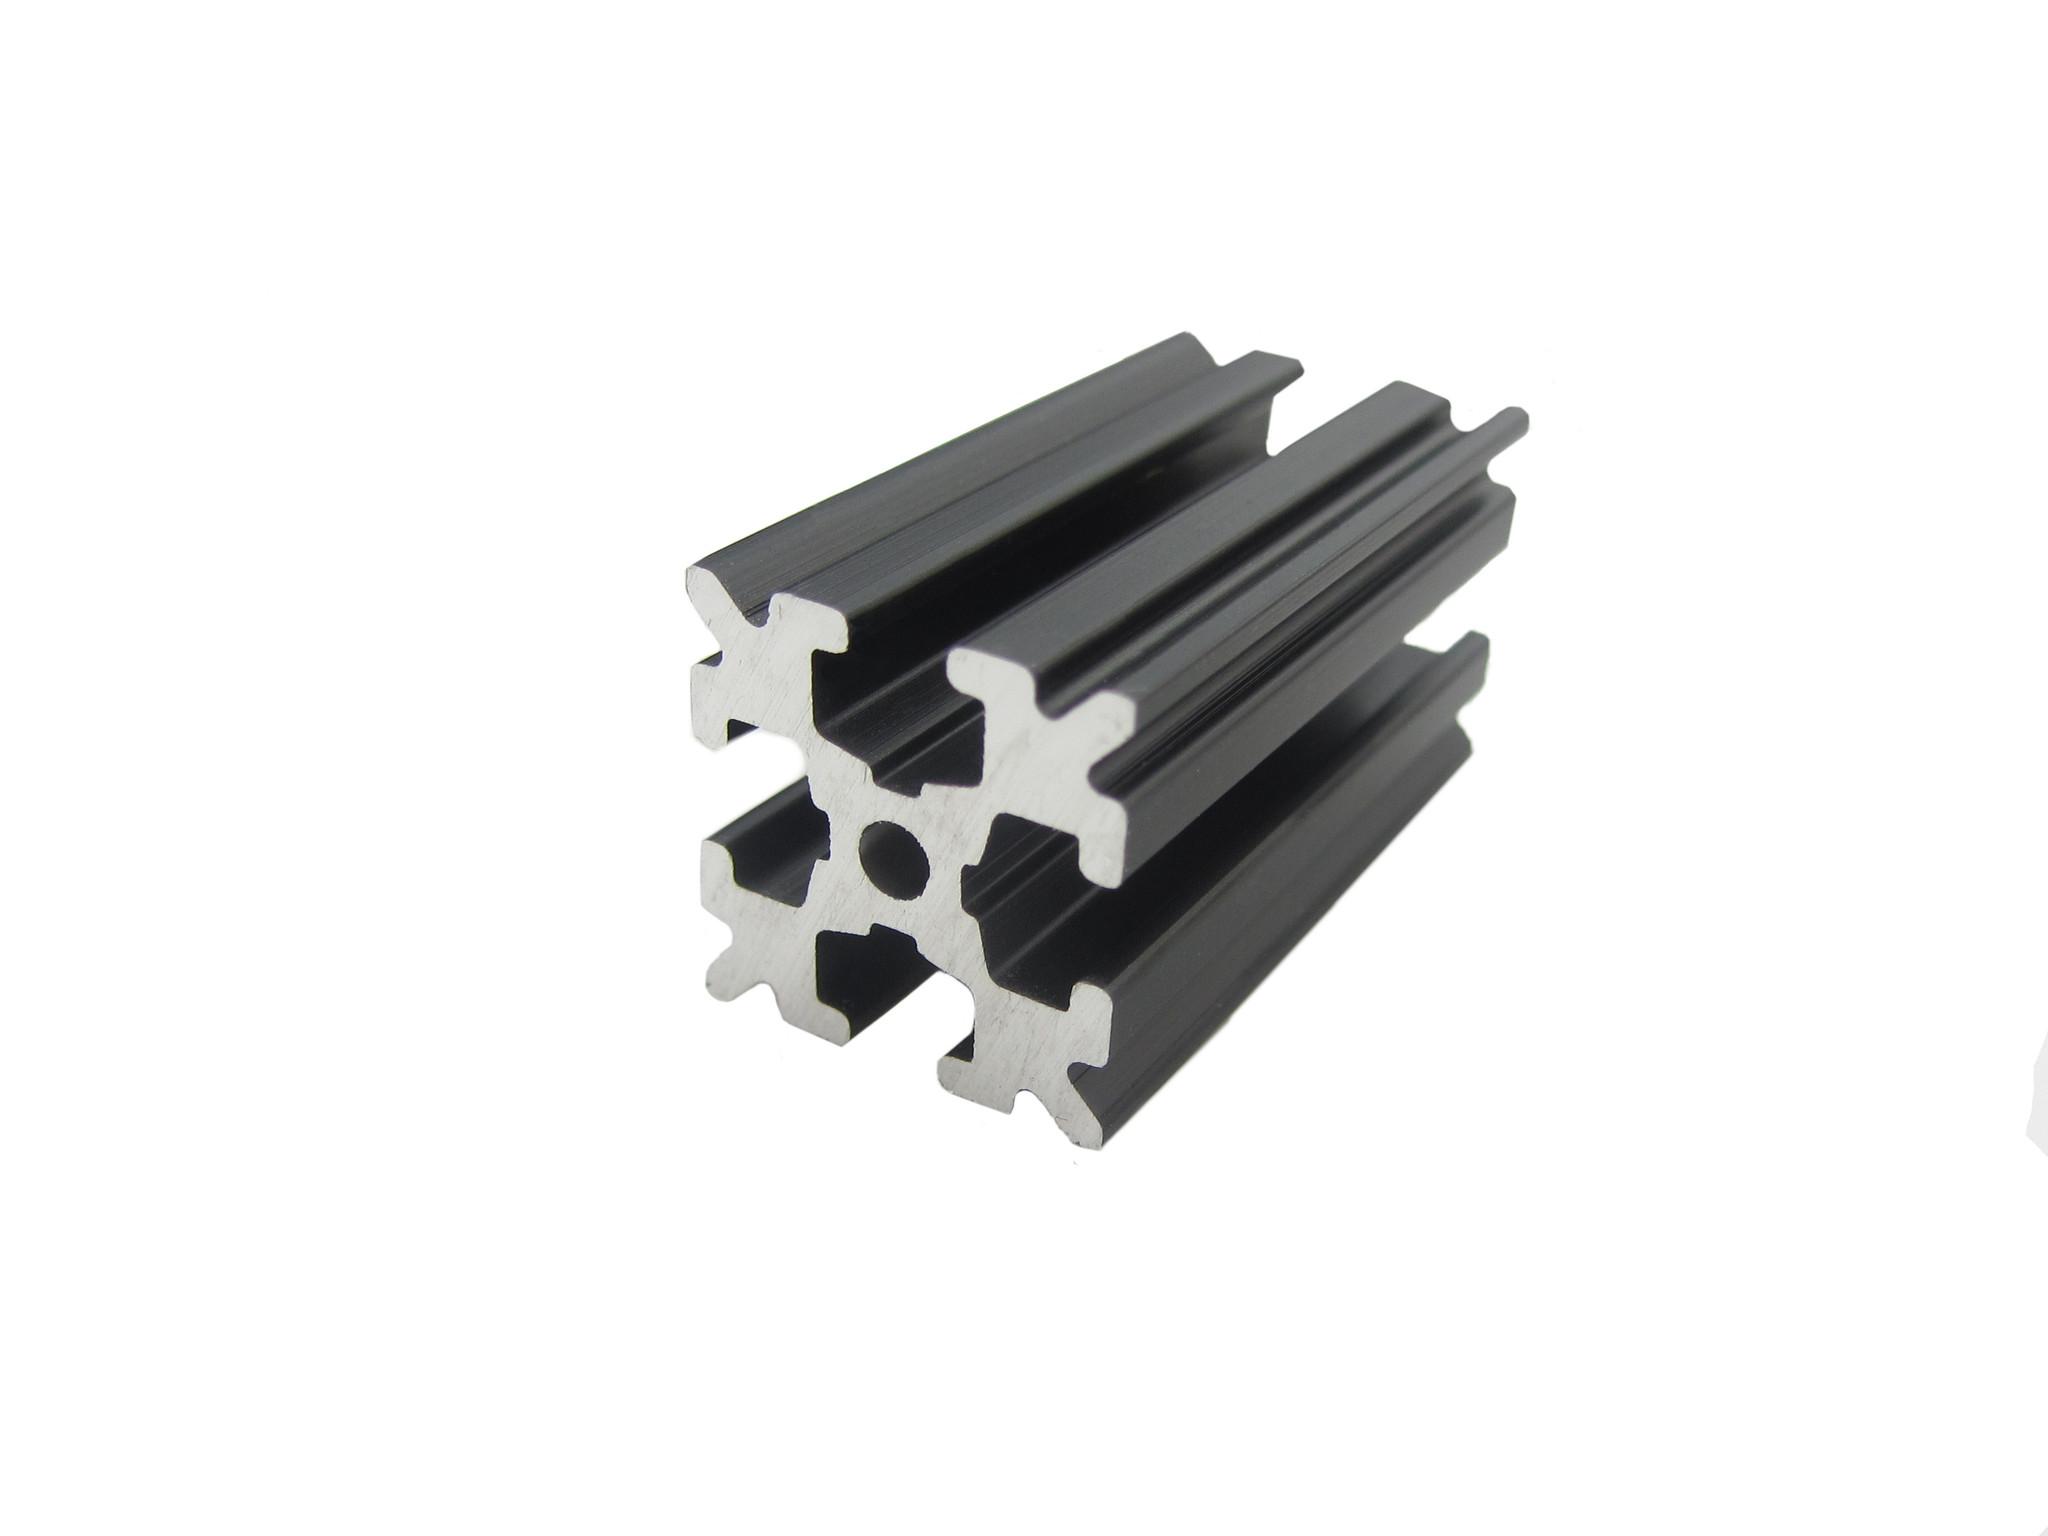 OpenBeam - 15x15mm aluminum profile 4 pieces of 150mm black anodised OpenBeam